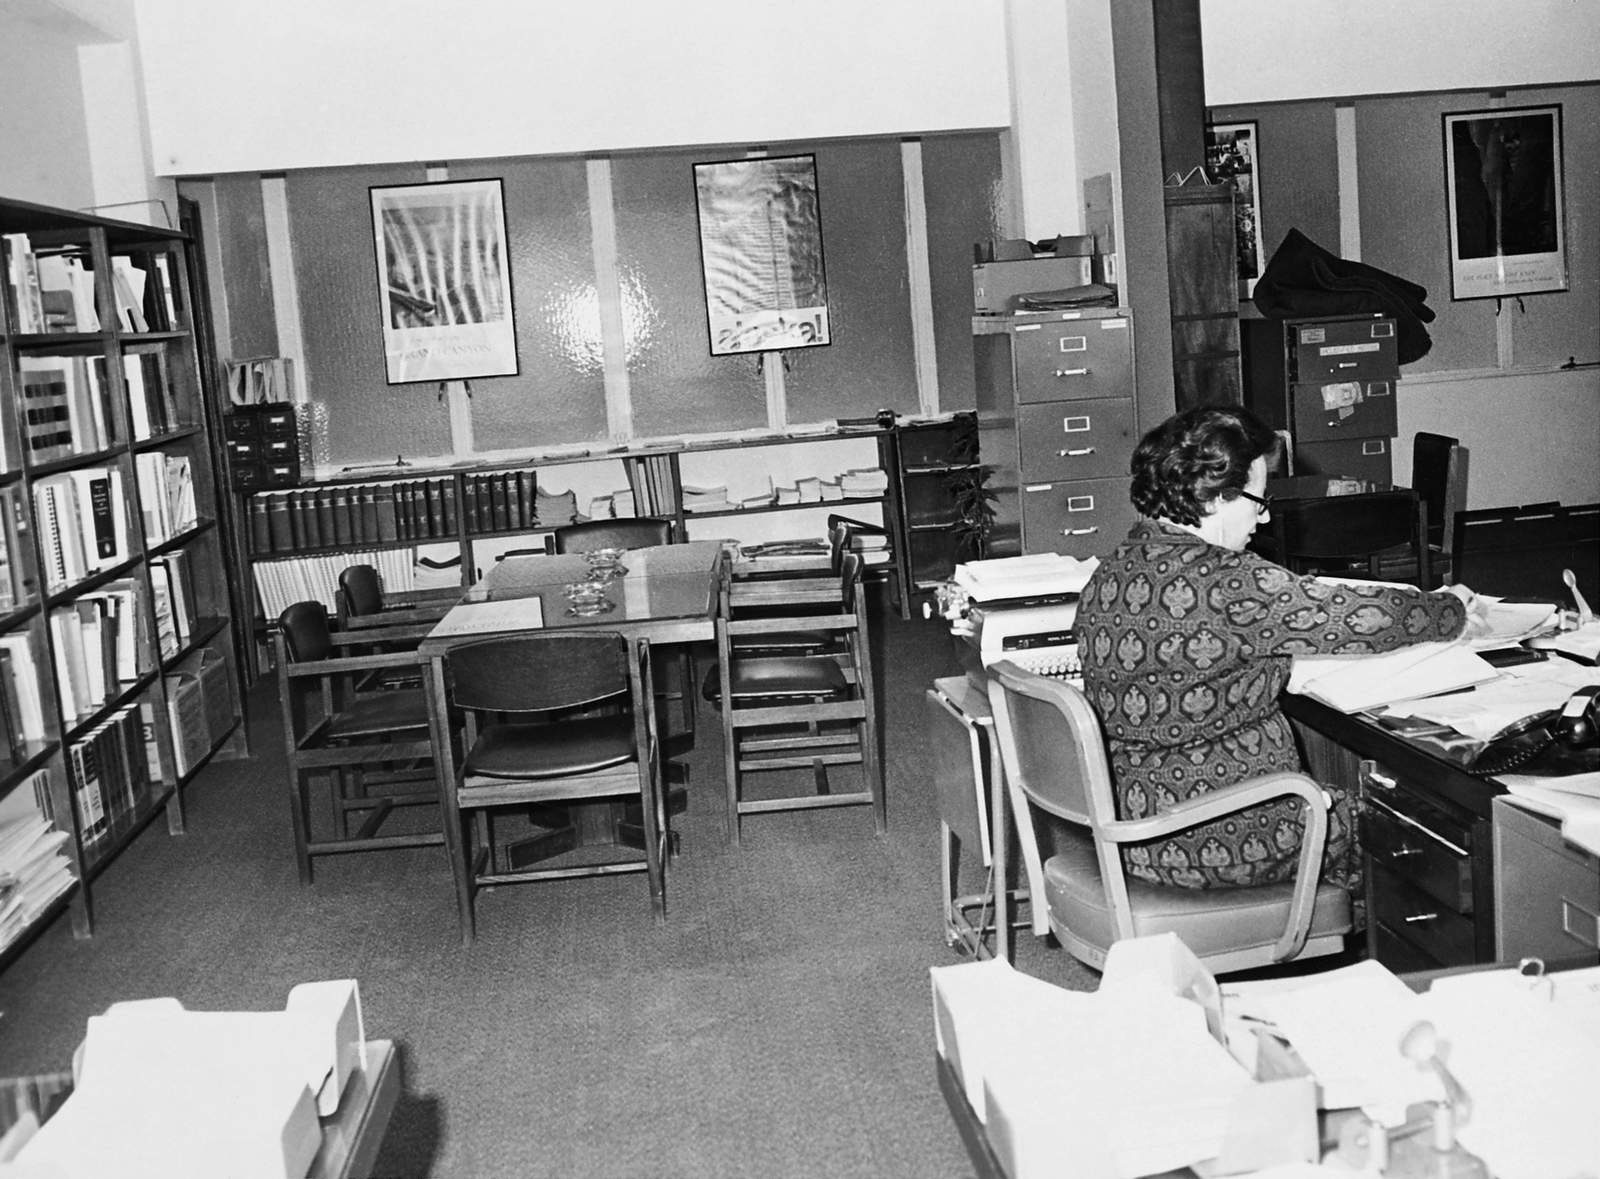 La Paz - Chancery Office Building - 1975